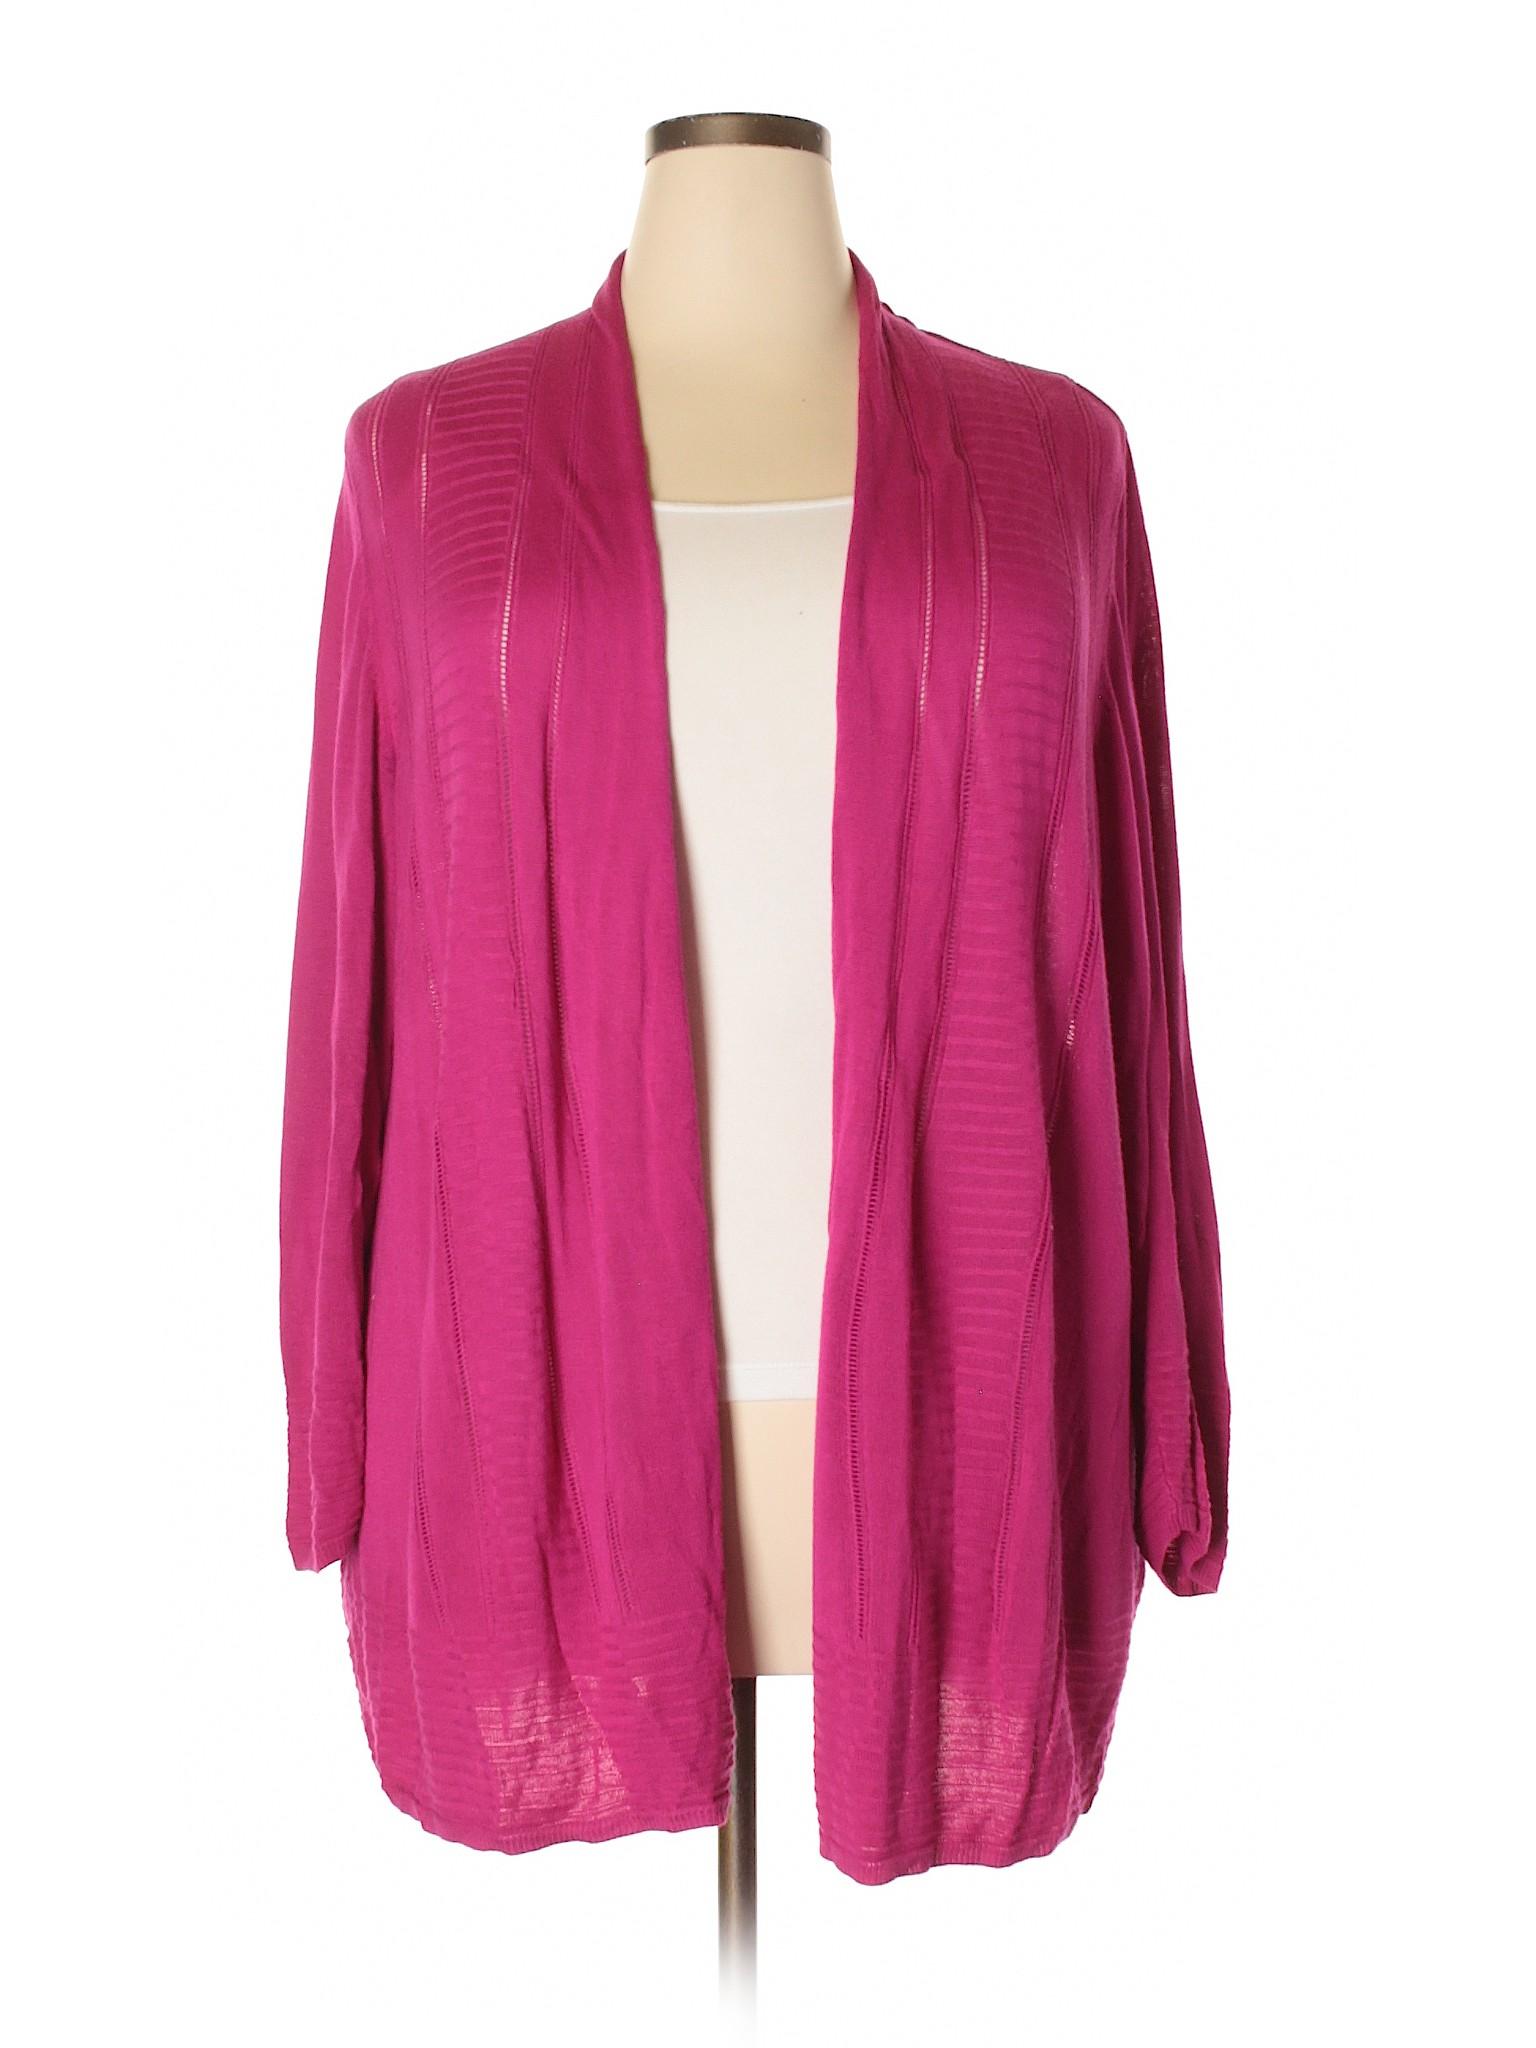 652c9919b90 Avenue 100% Cotton Solid Pink Cardigan Size 26 - 28 Plus (Plus) - 71 ...